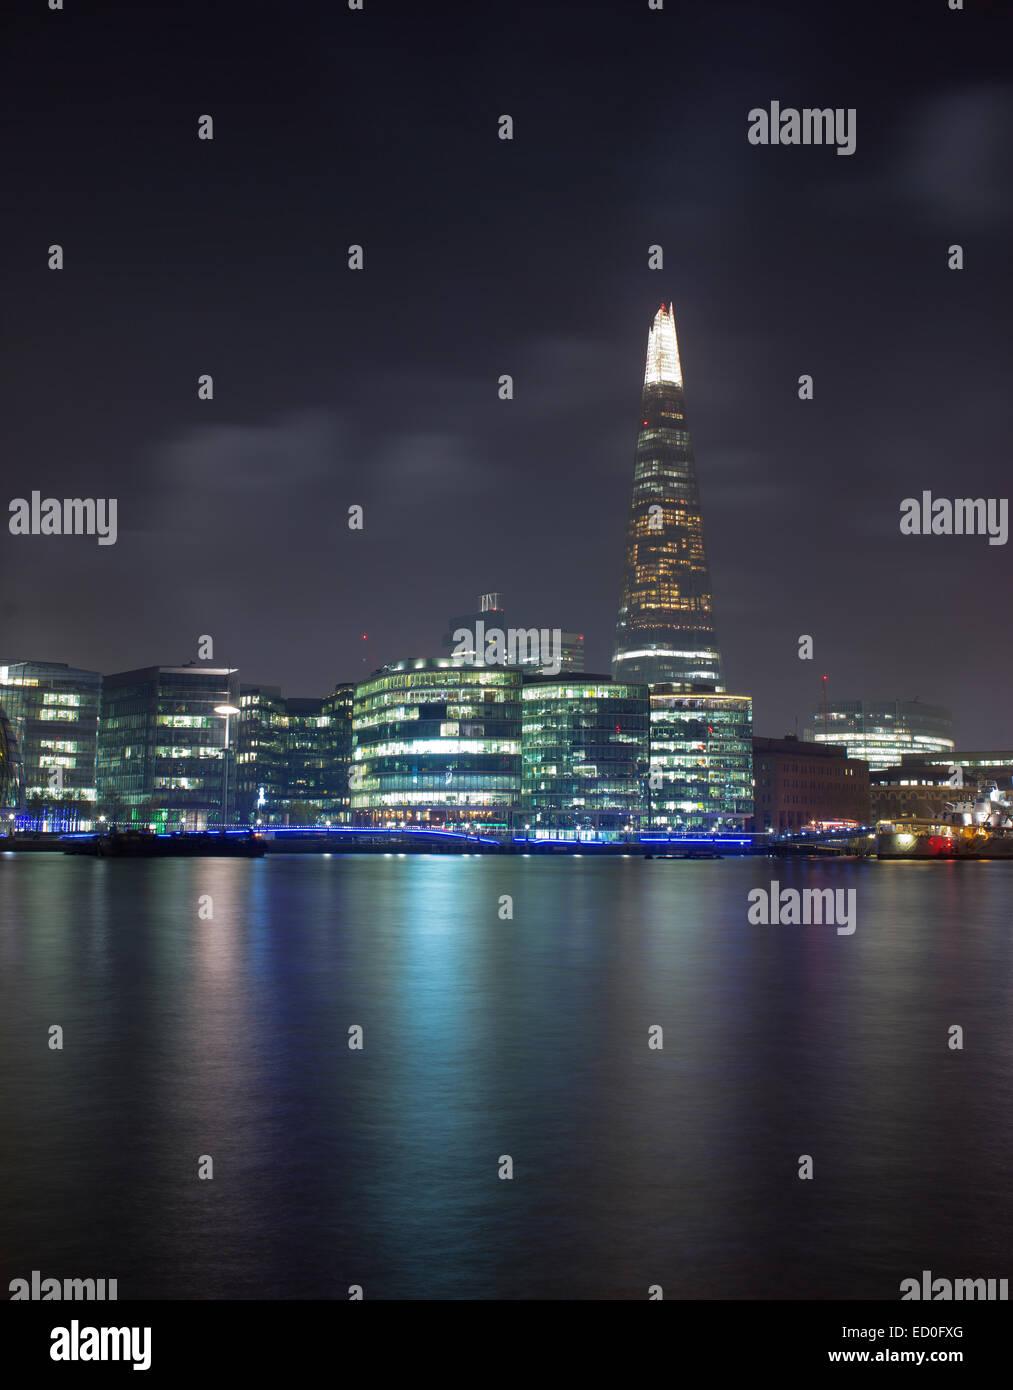 Royaume-uni, Londres, Shard gratte-ciel illuminé de nuit et en premier plan de la rivière Thames Photo Stock